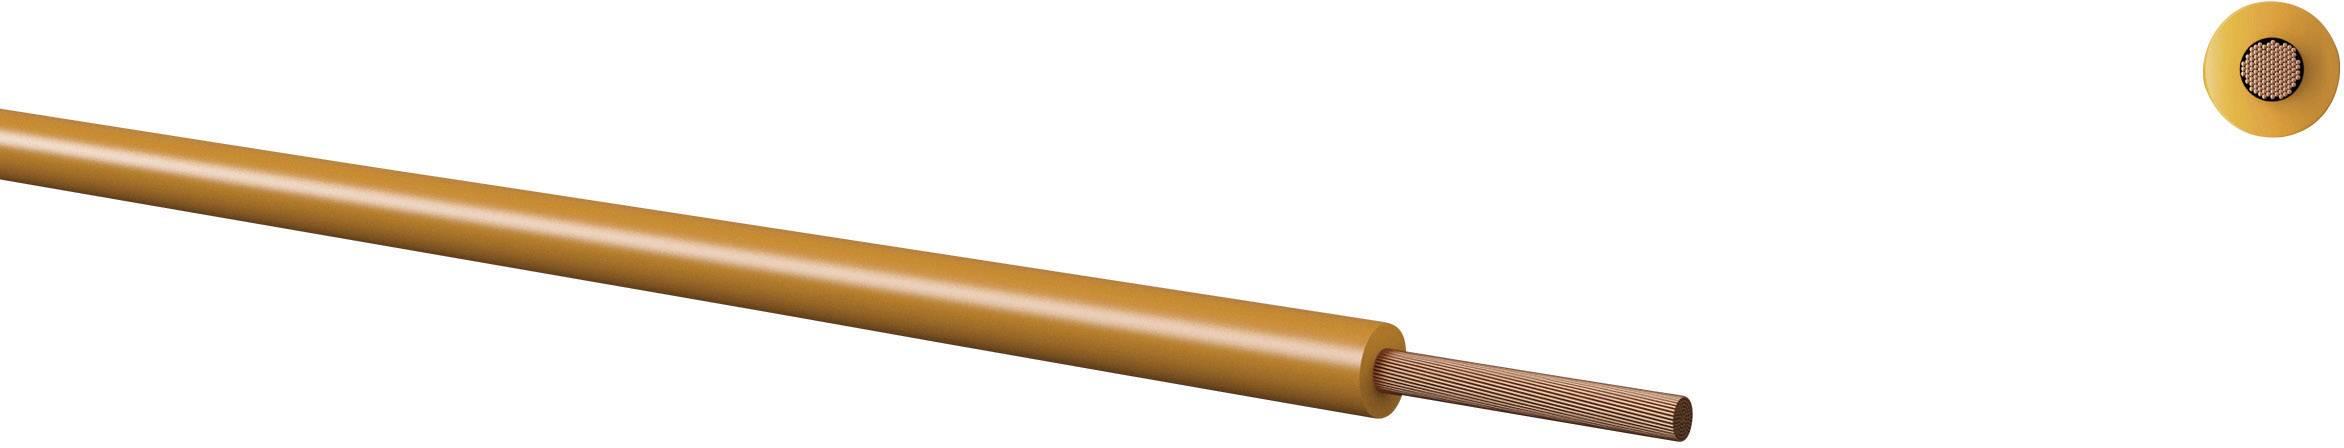 Opletenie / lanko Kabeltronik 160110003 LiFY, 1 x 1 mm², vonkajší Ø 2.50 mm, metrový tovar, zelená